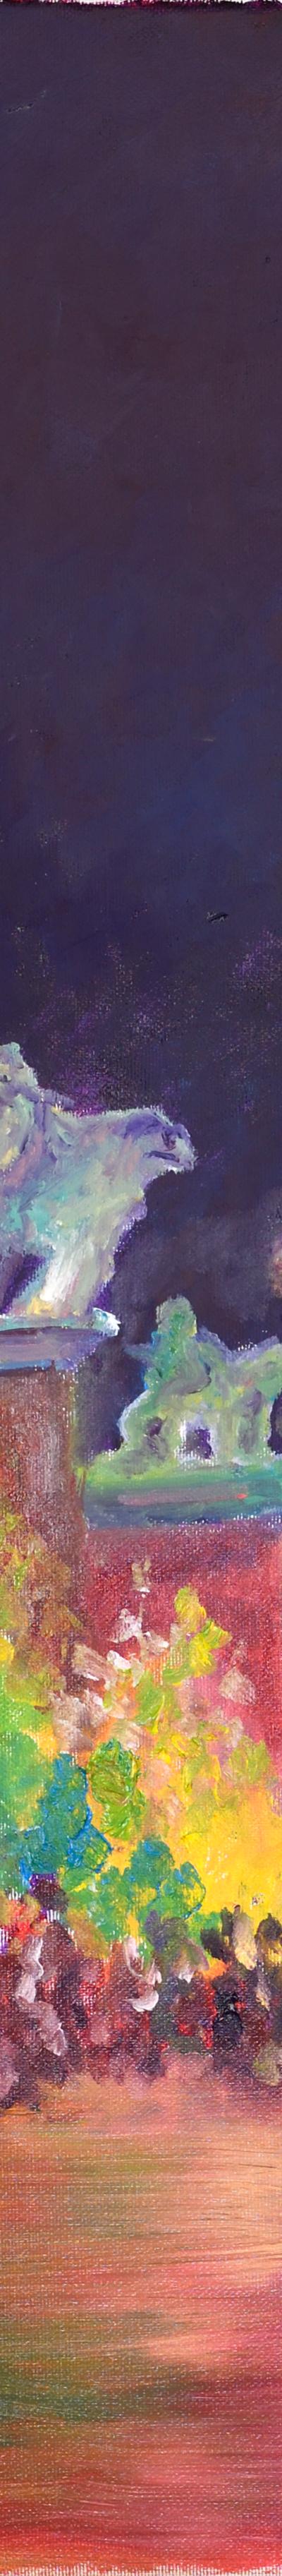 friedrichstadt 70x70 cm, oil on canvas